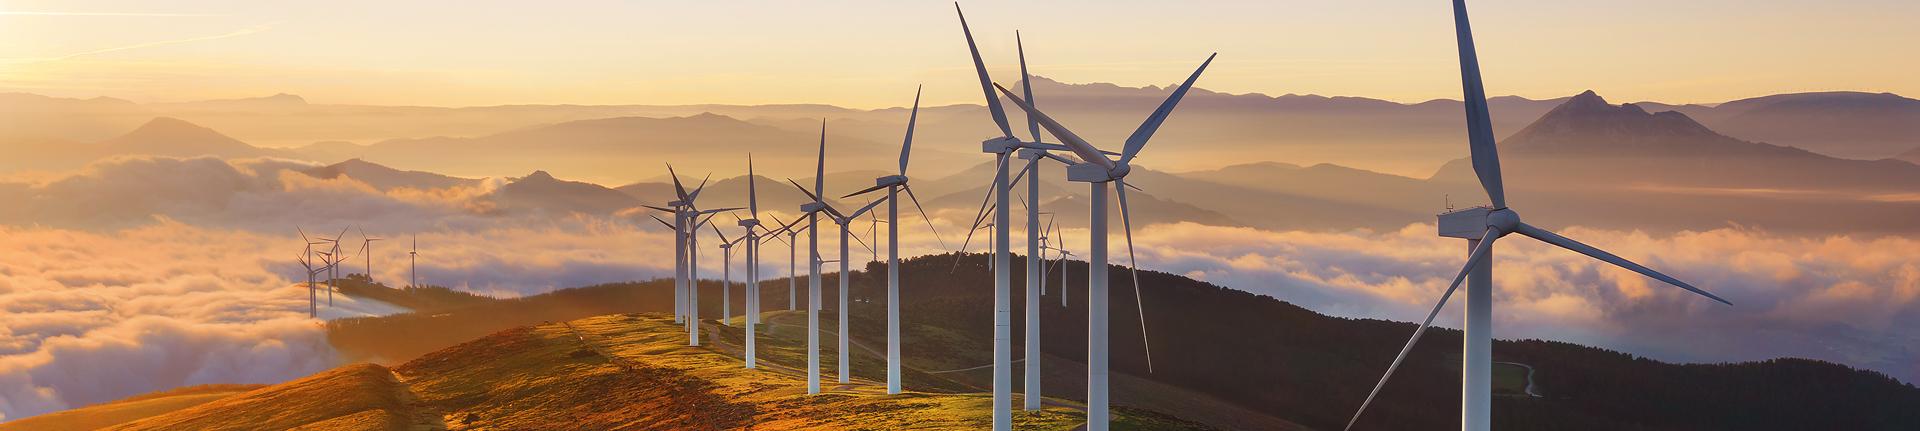 A expansão dos sistemas de energia renovável